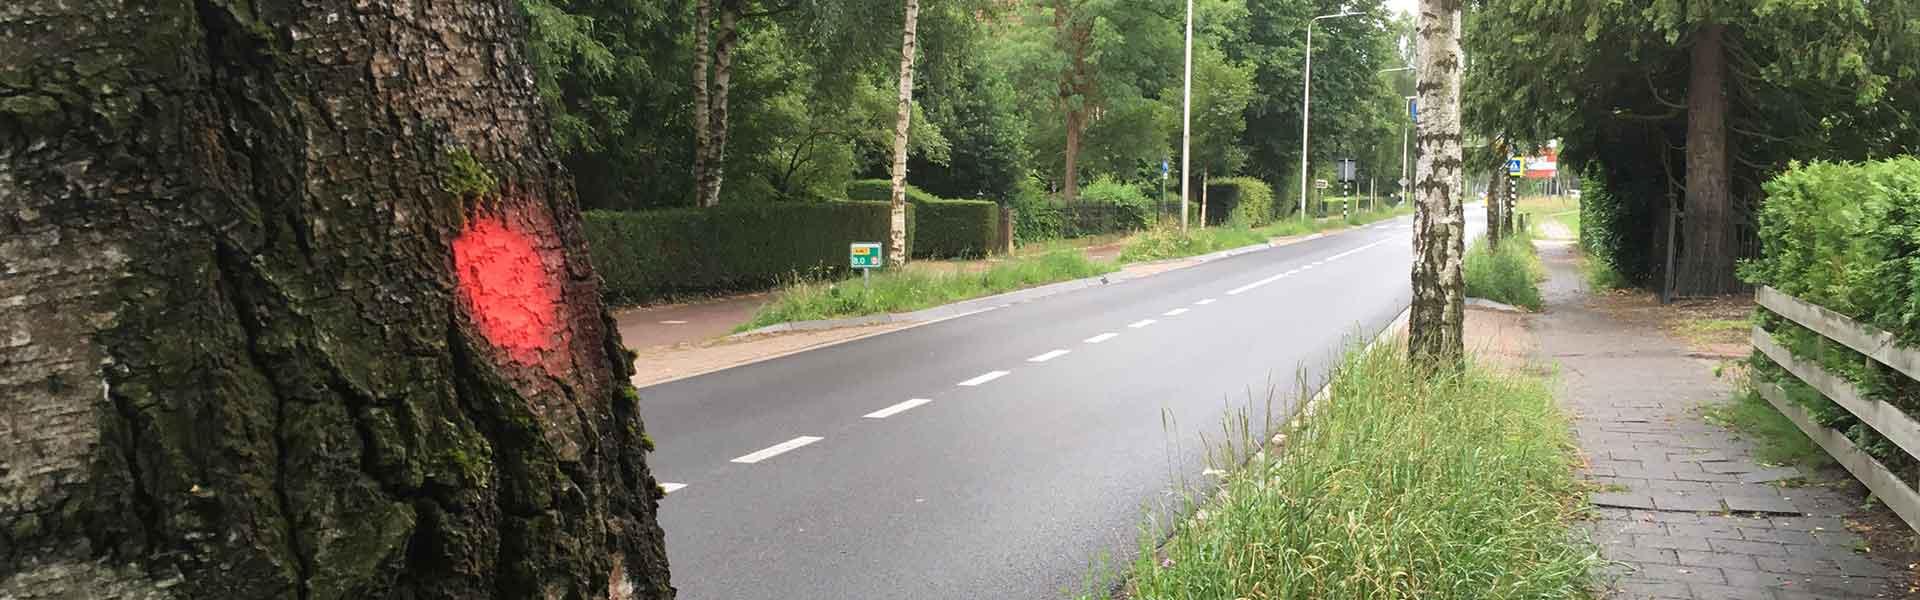 Vellen verkeersonveilige bomen Tolakkerweg